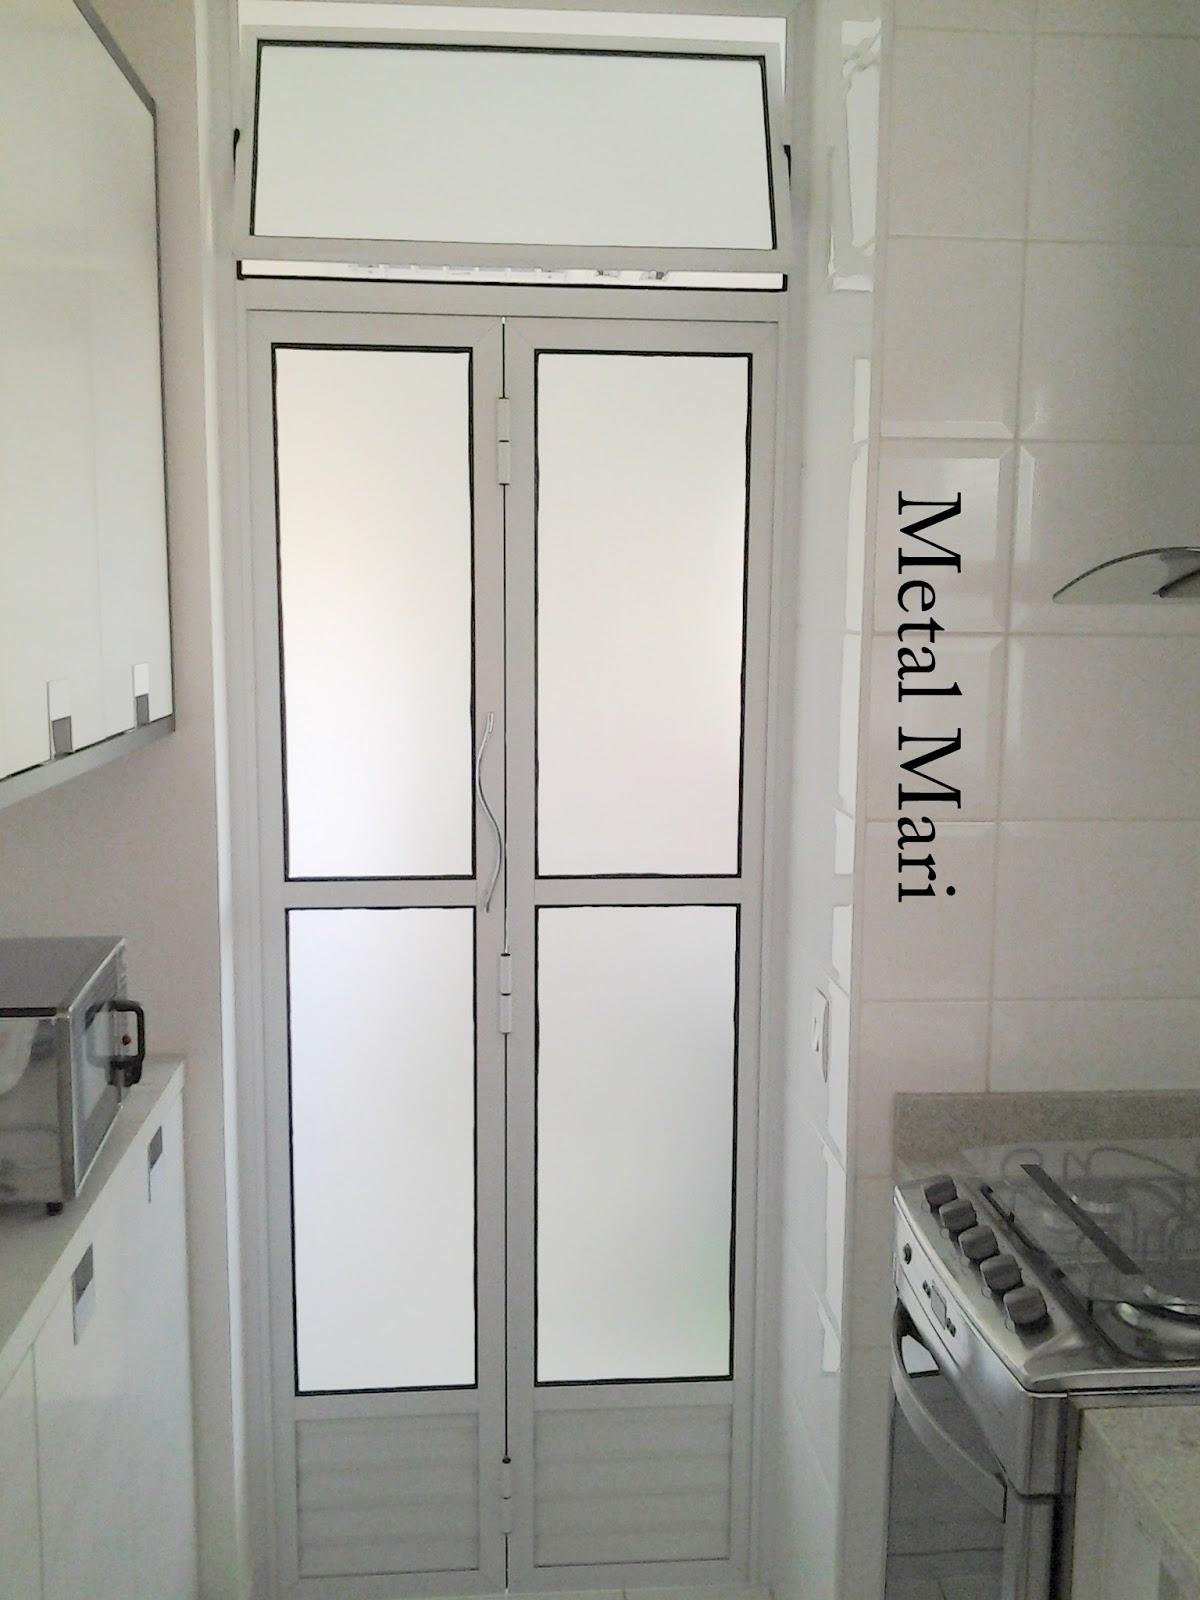 #6E675D colocamos a parte do vidro liso para cozinha para facilitar a limpeza 1114 Portas E Janelas De Aluminio Para Cozinha